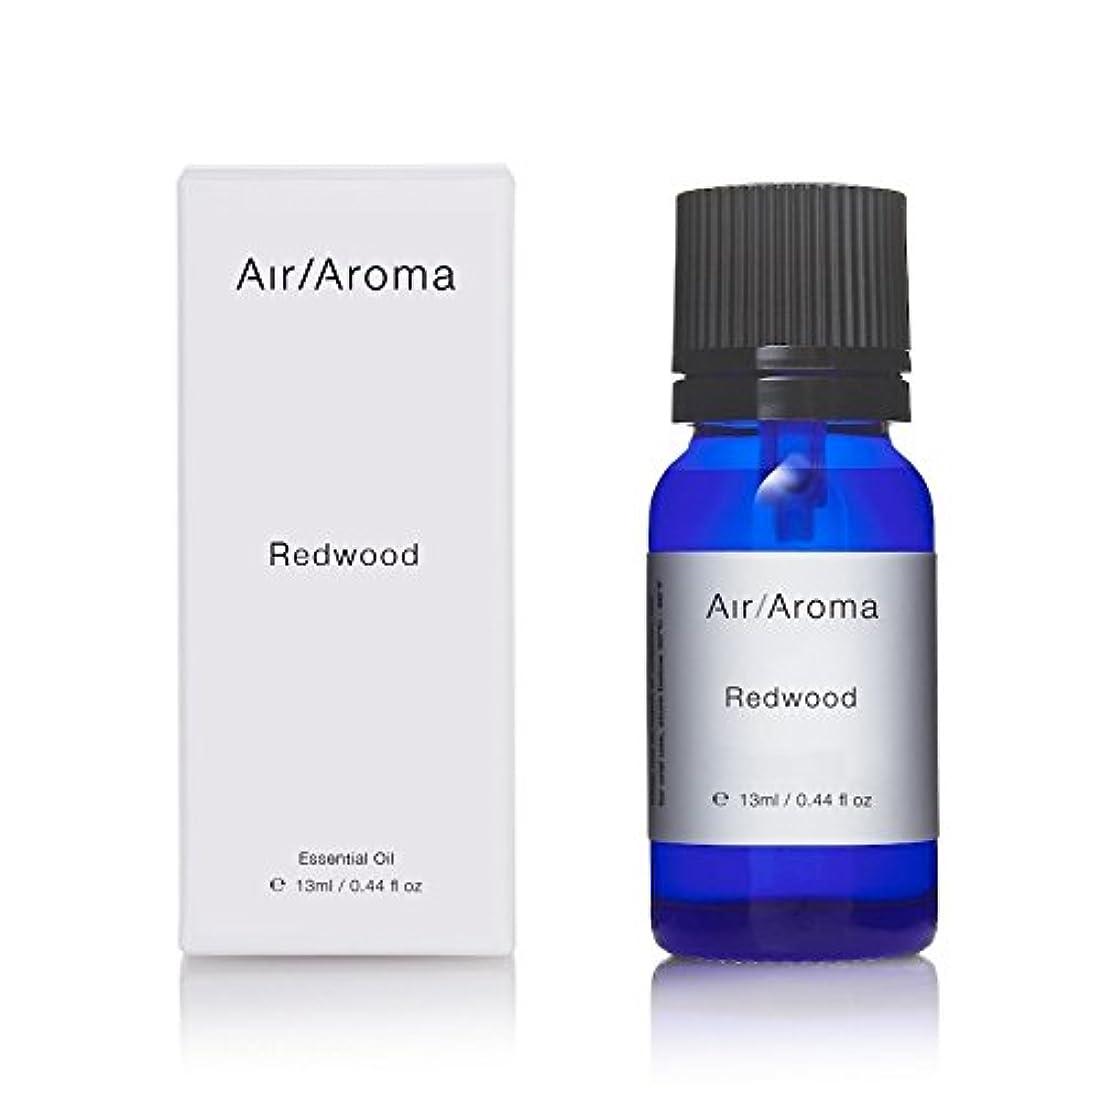 ブラストスムーズに霊エアアロマ redwood (レッドウッド) 13ml